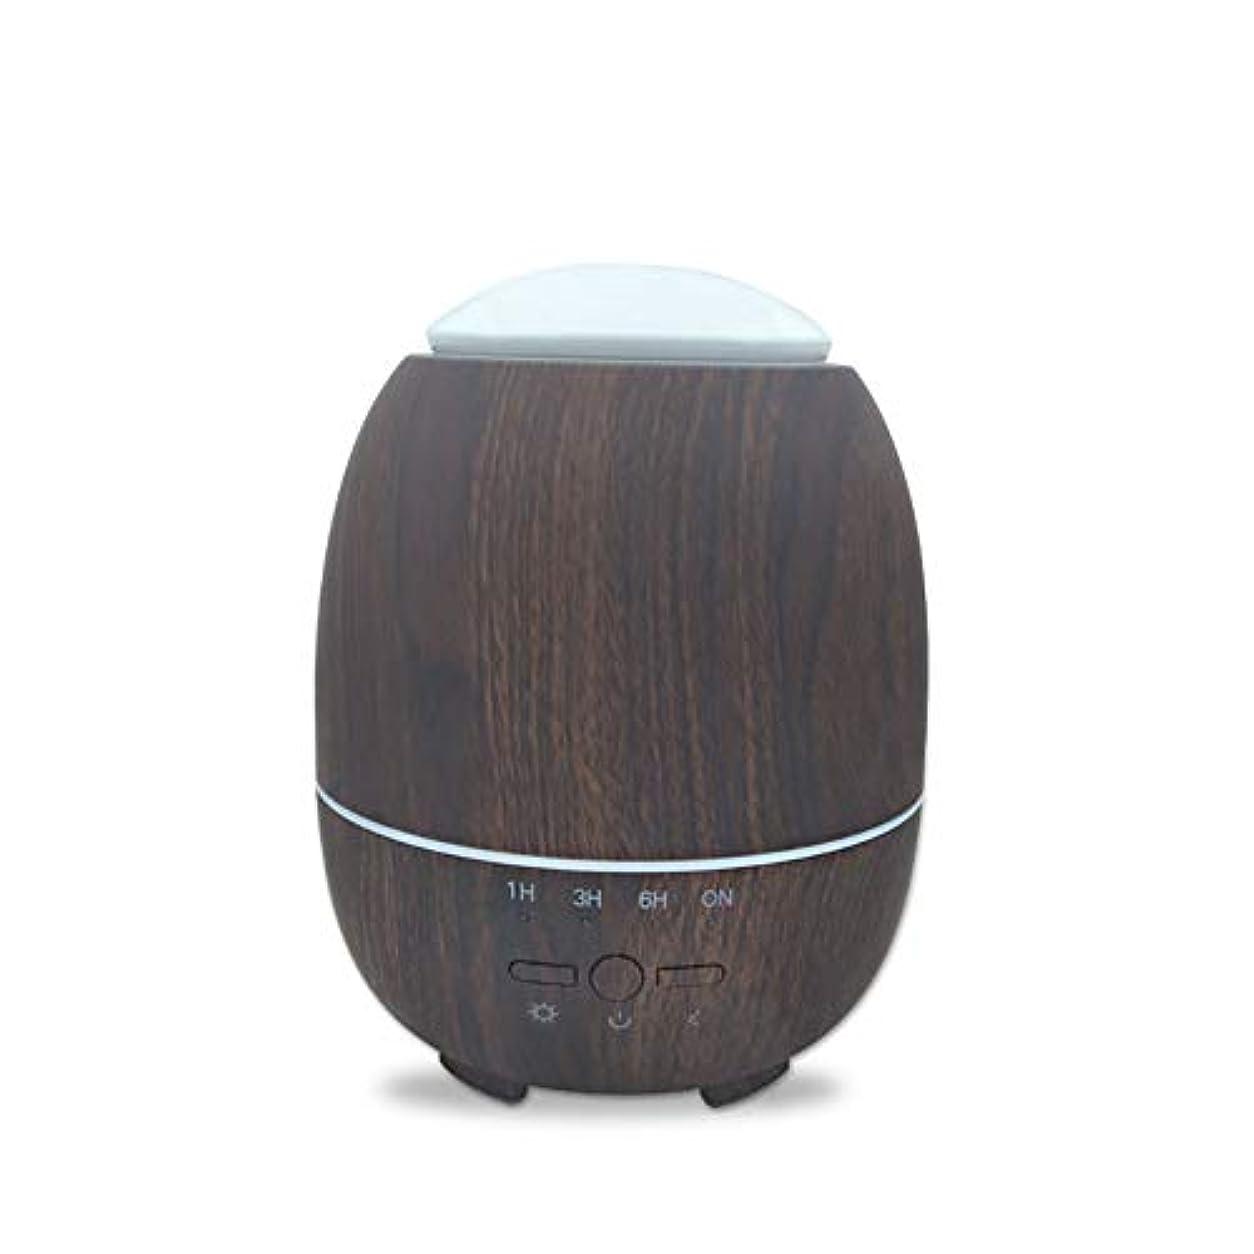 アロマエッセンシャルオイルクールミスト加湿器、ウッドグレインアロマディフューザー、スーパーハイアロマ出力、調節可能ミストモード、7色LEDライト,deepgrain